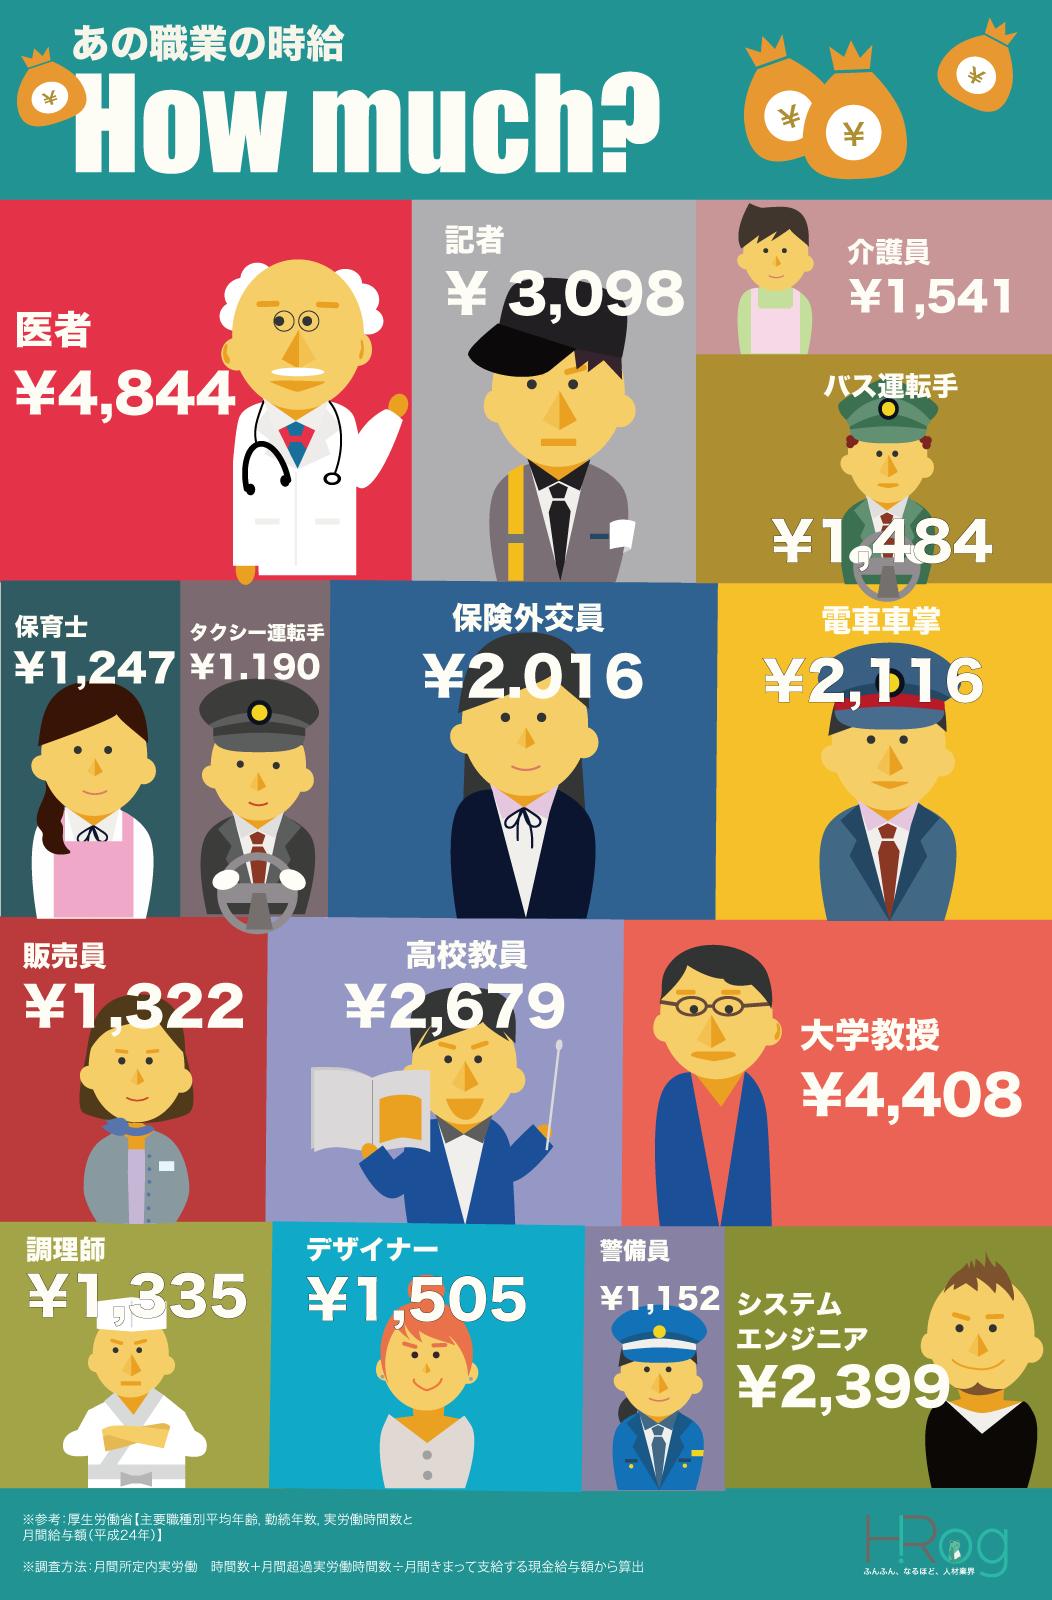 インフォグラフィック:職業別に時給を算出。労働時間と給与額見て驚いた